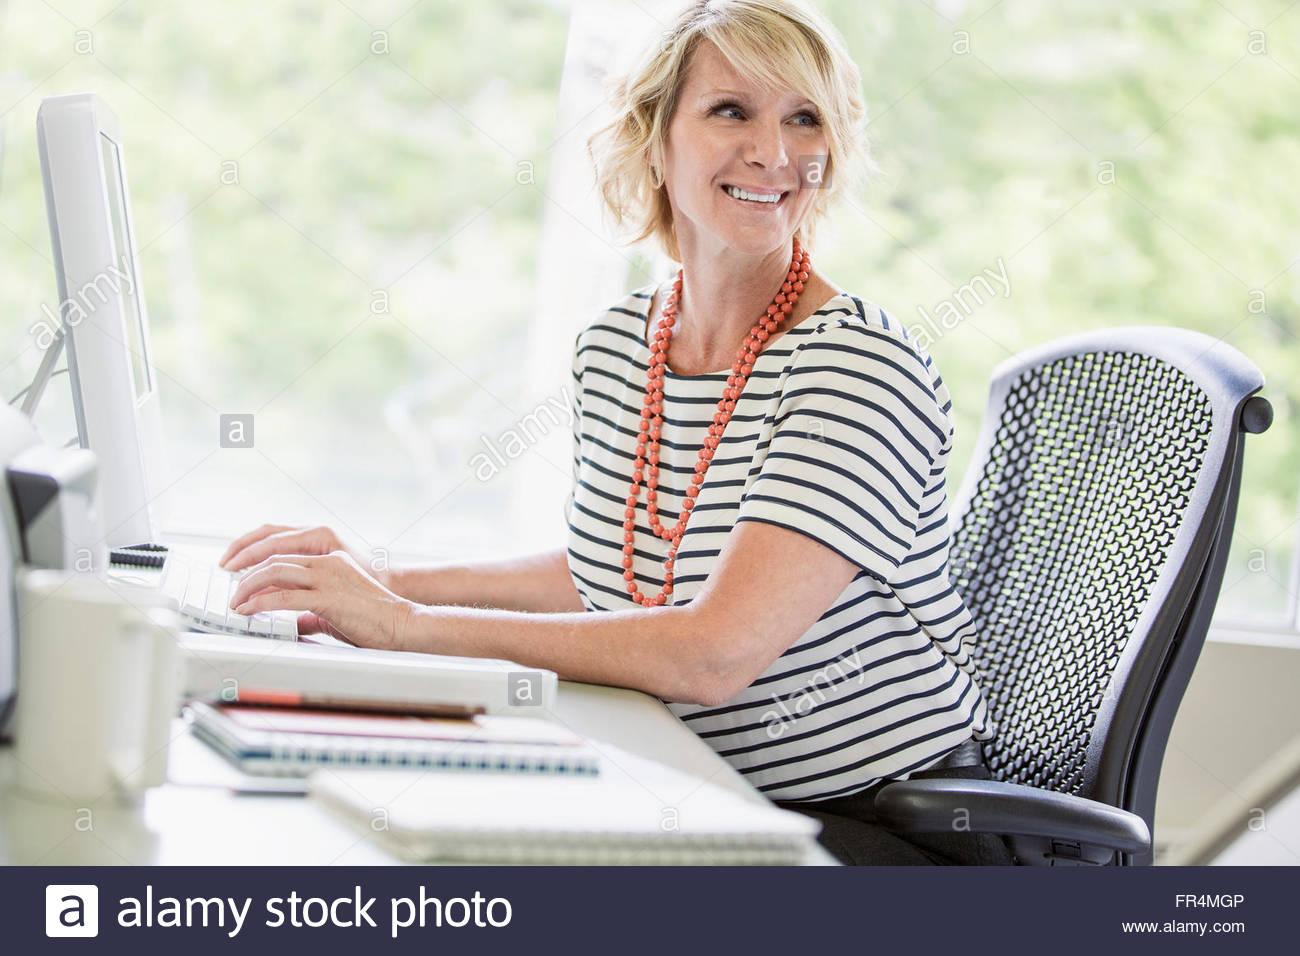 Middle-aged businesswoman sitting at ordinateur de bureau Banque D'Images